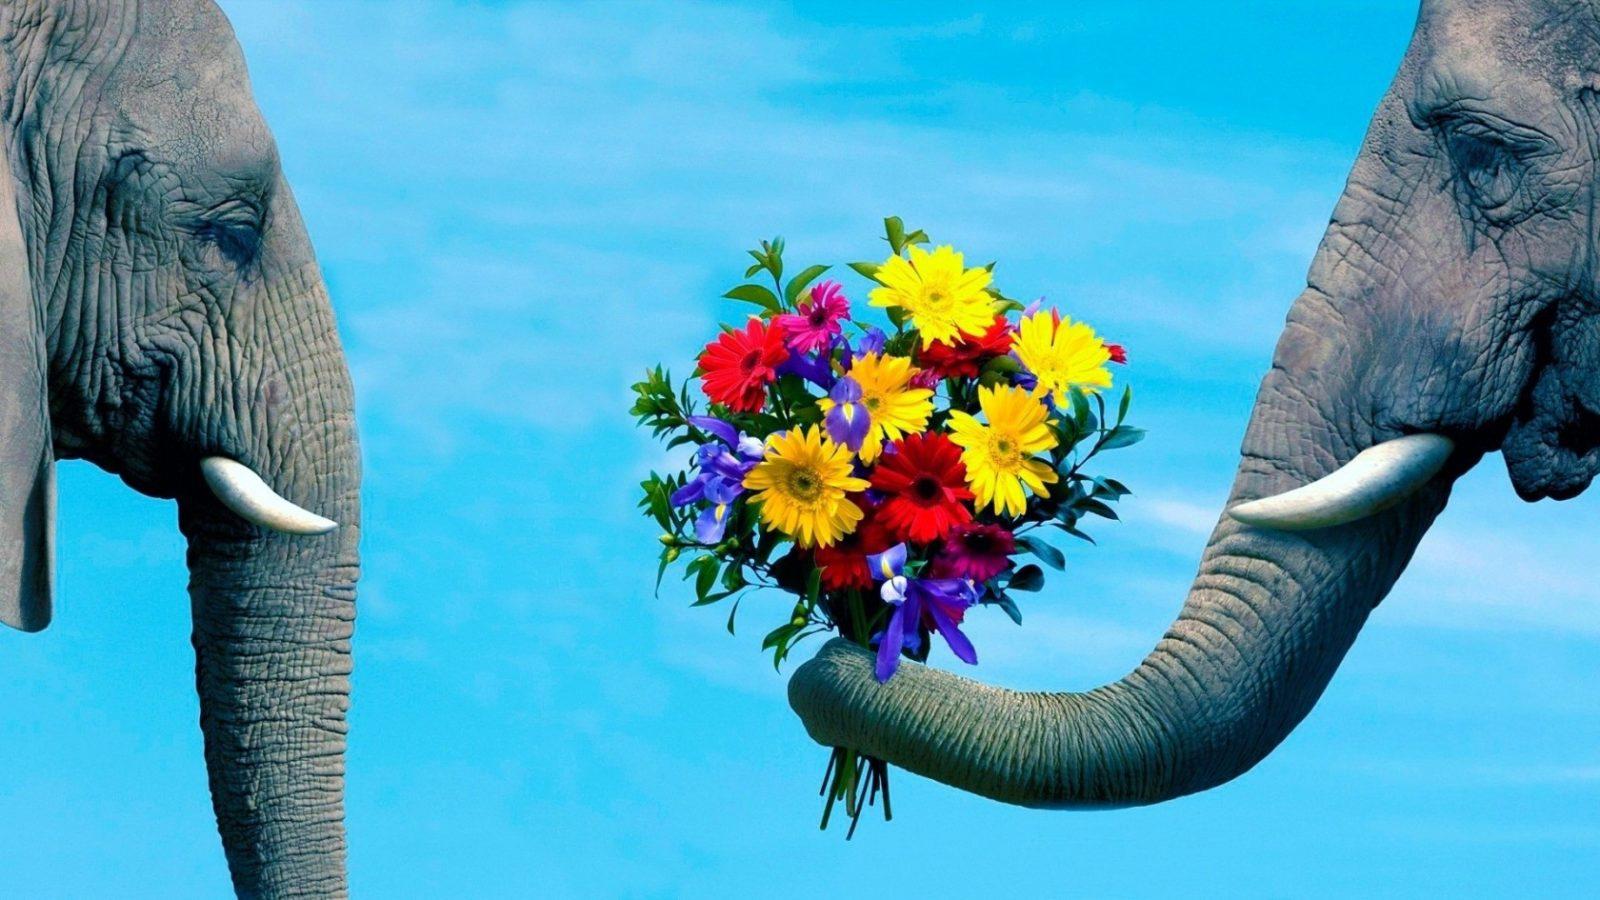 whatsapp immagini 2017 foto divertente elefante che dona mazzo di fiori